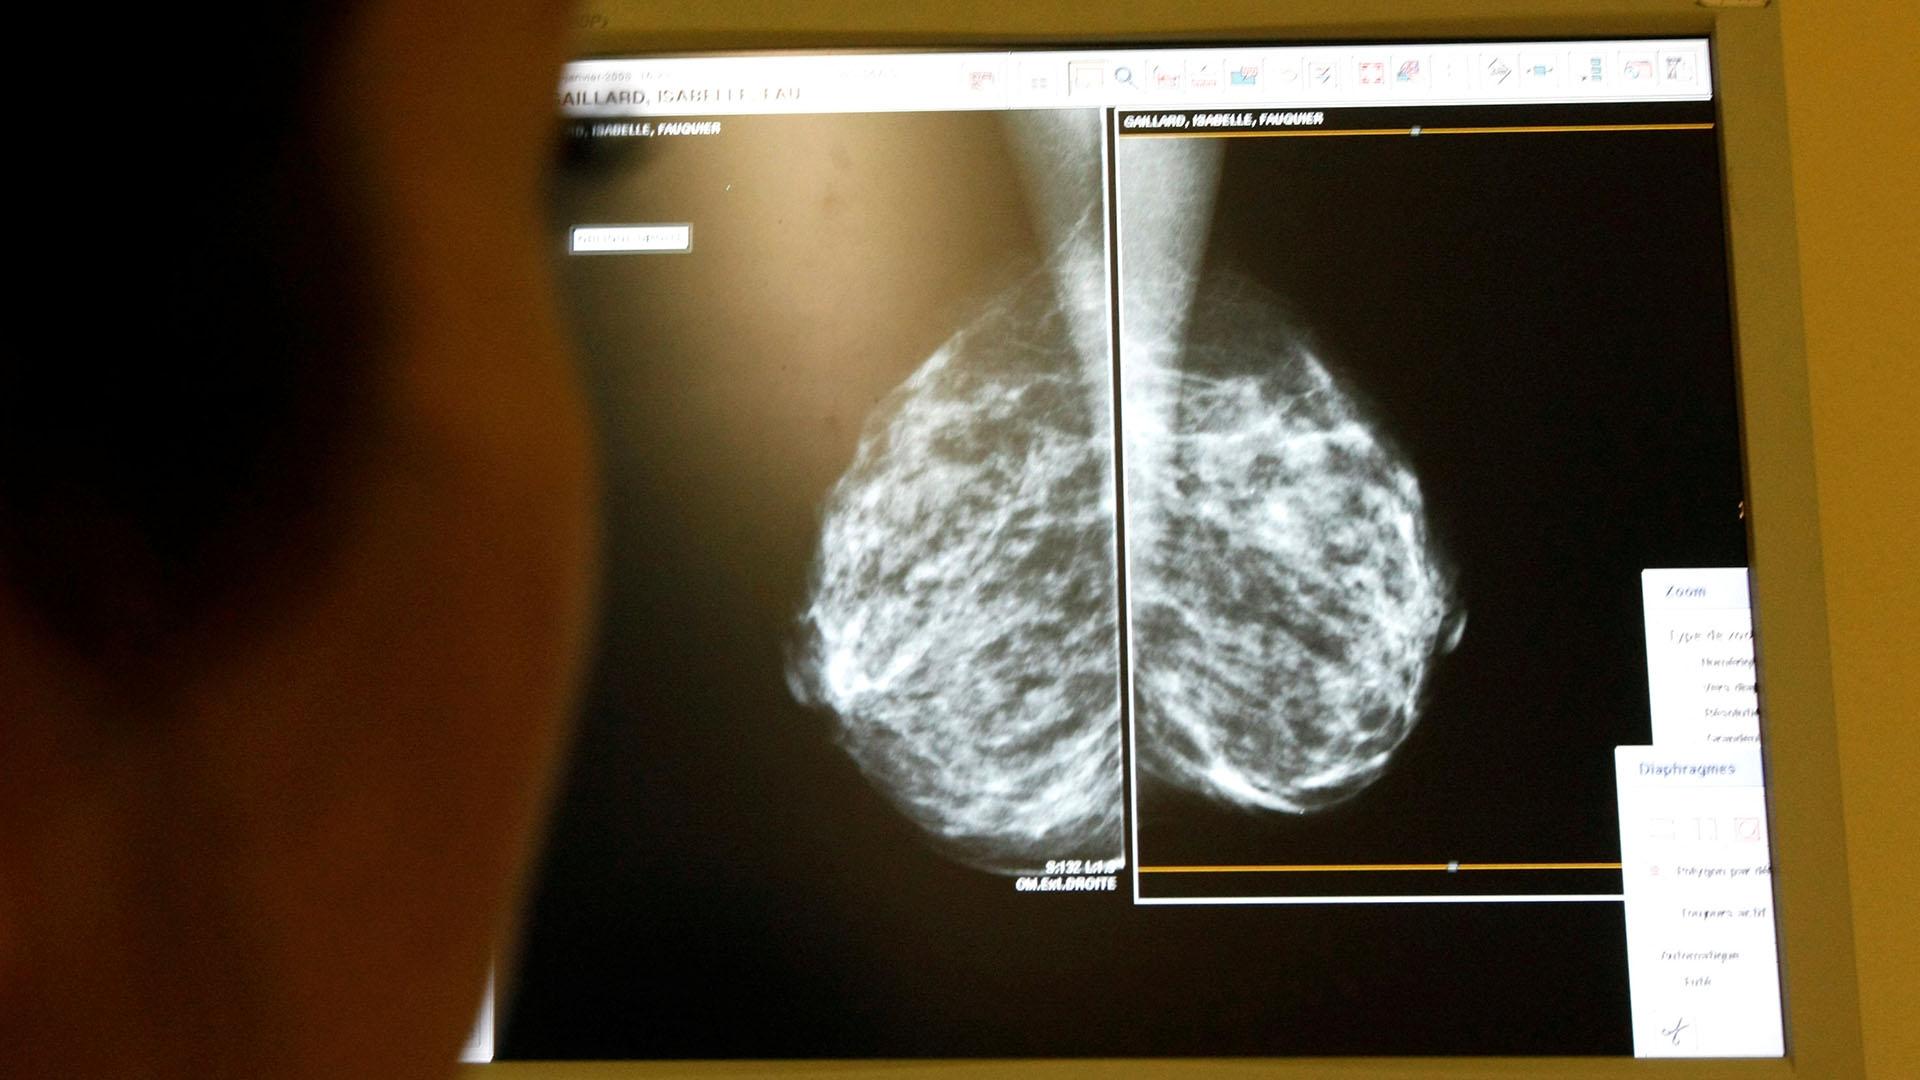 Las imágenes en rayos X muestran malformaciones en la mama (Foto: Archivo)